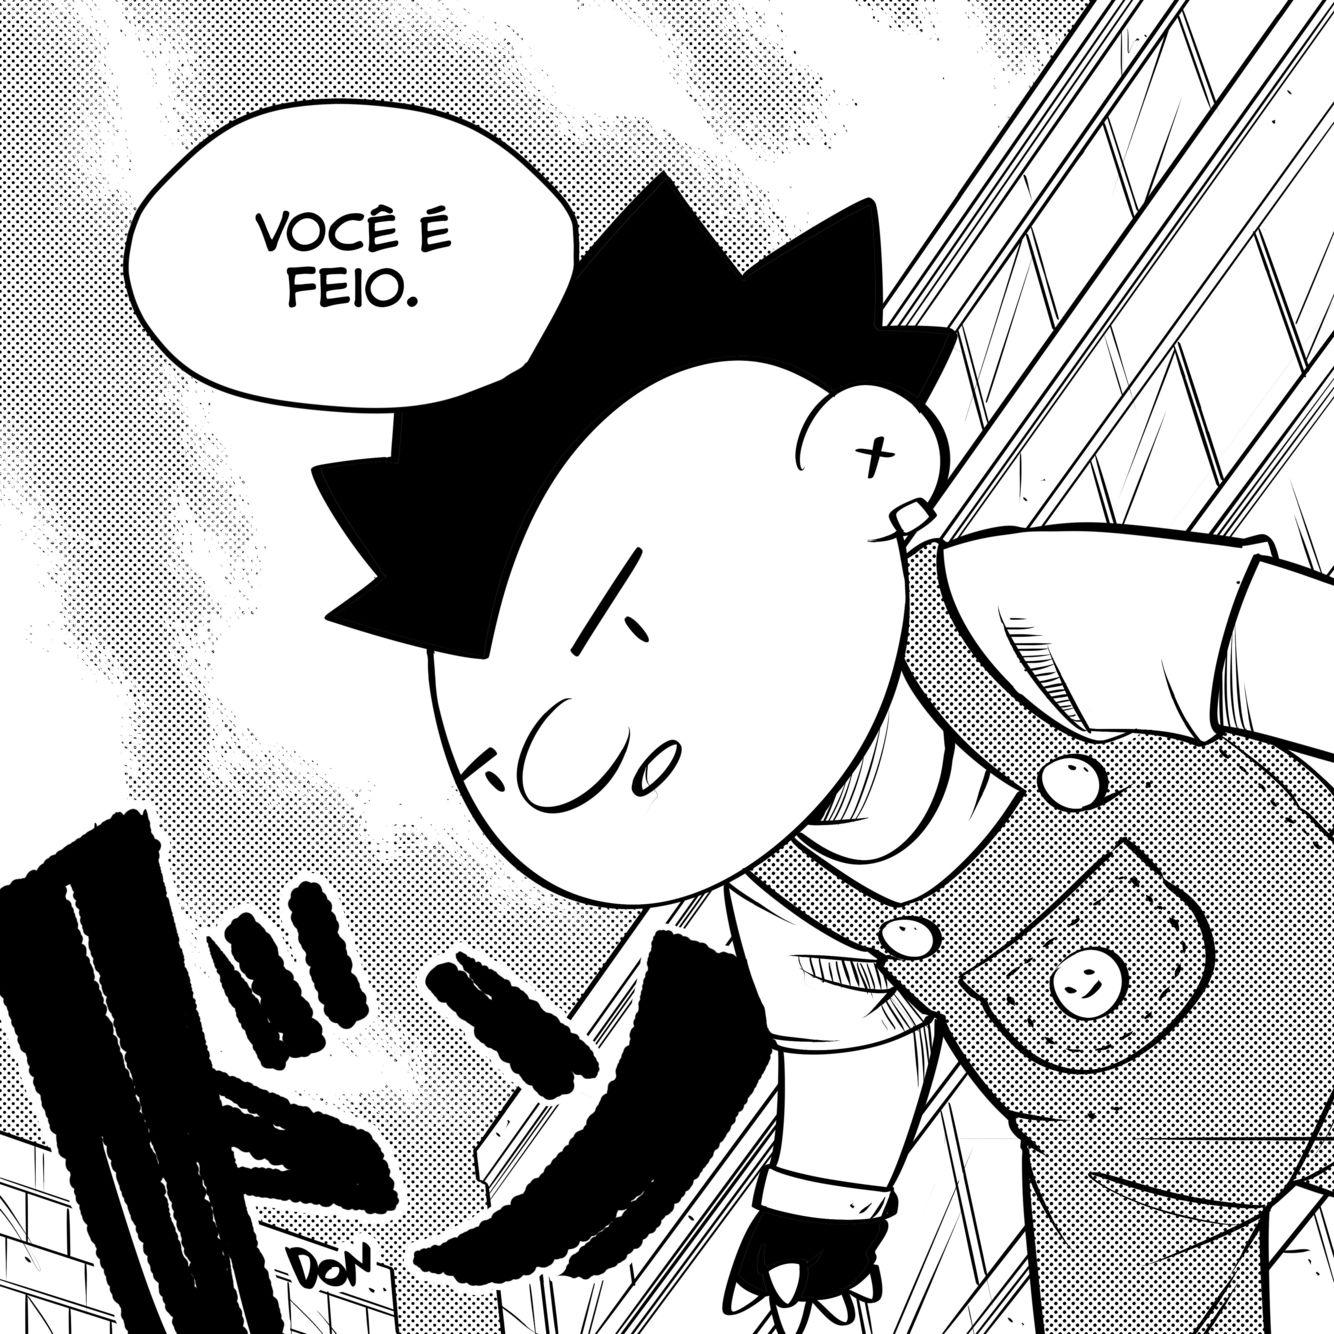 Juquinha-001